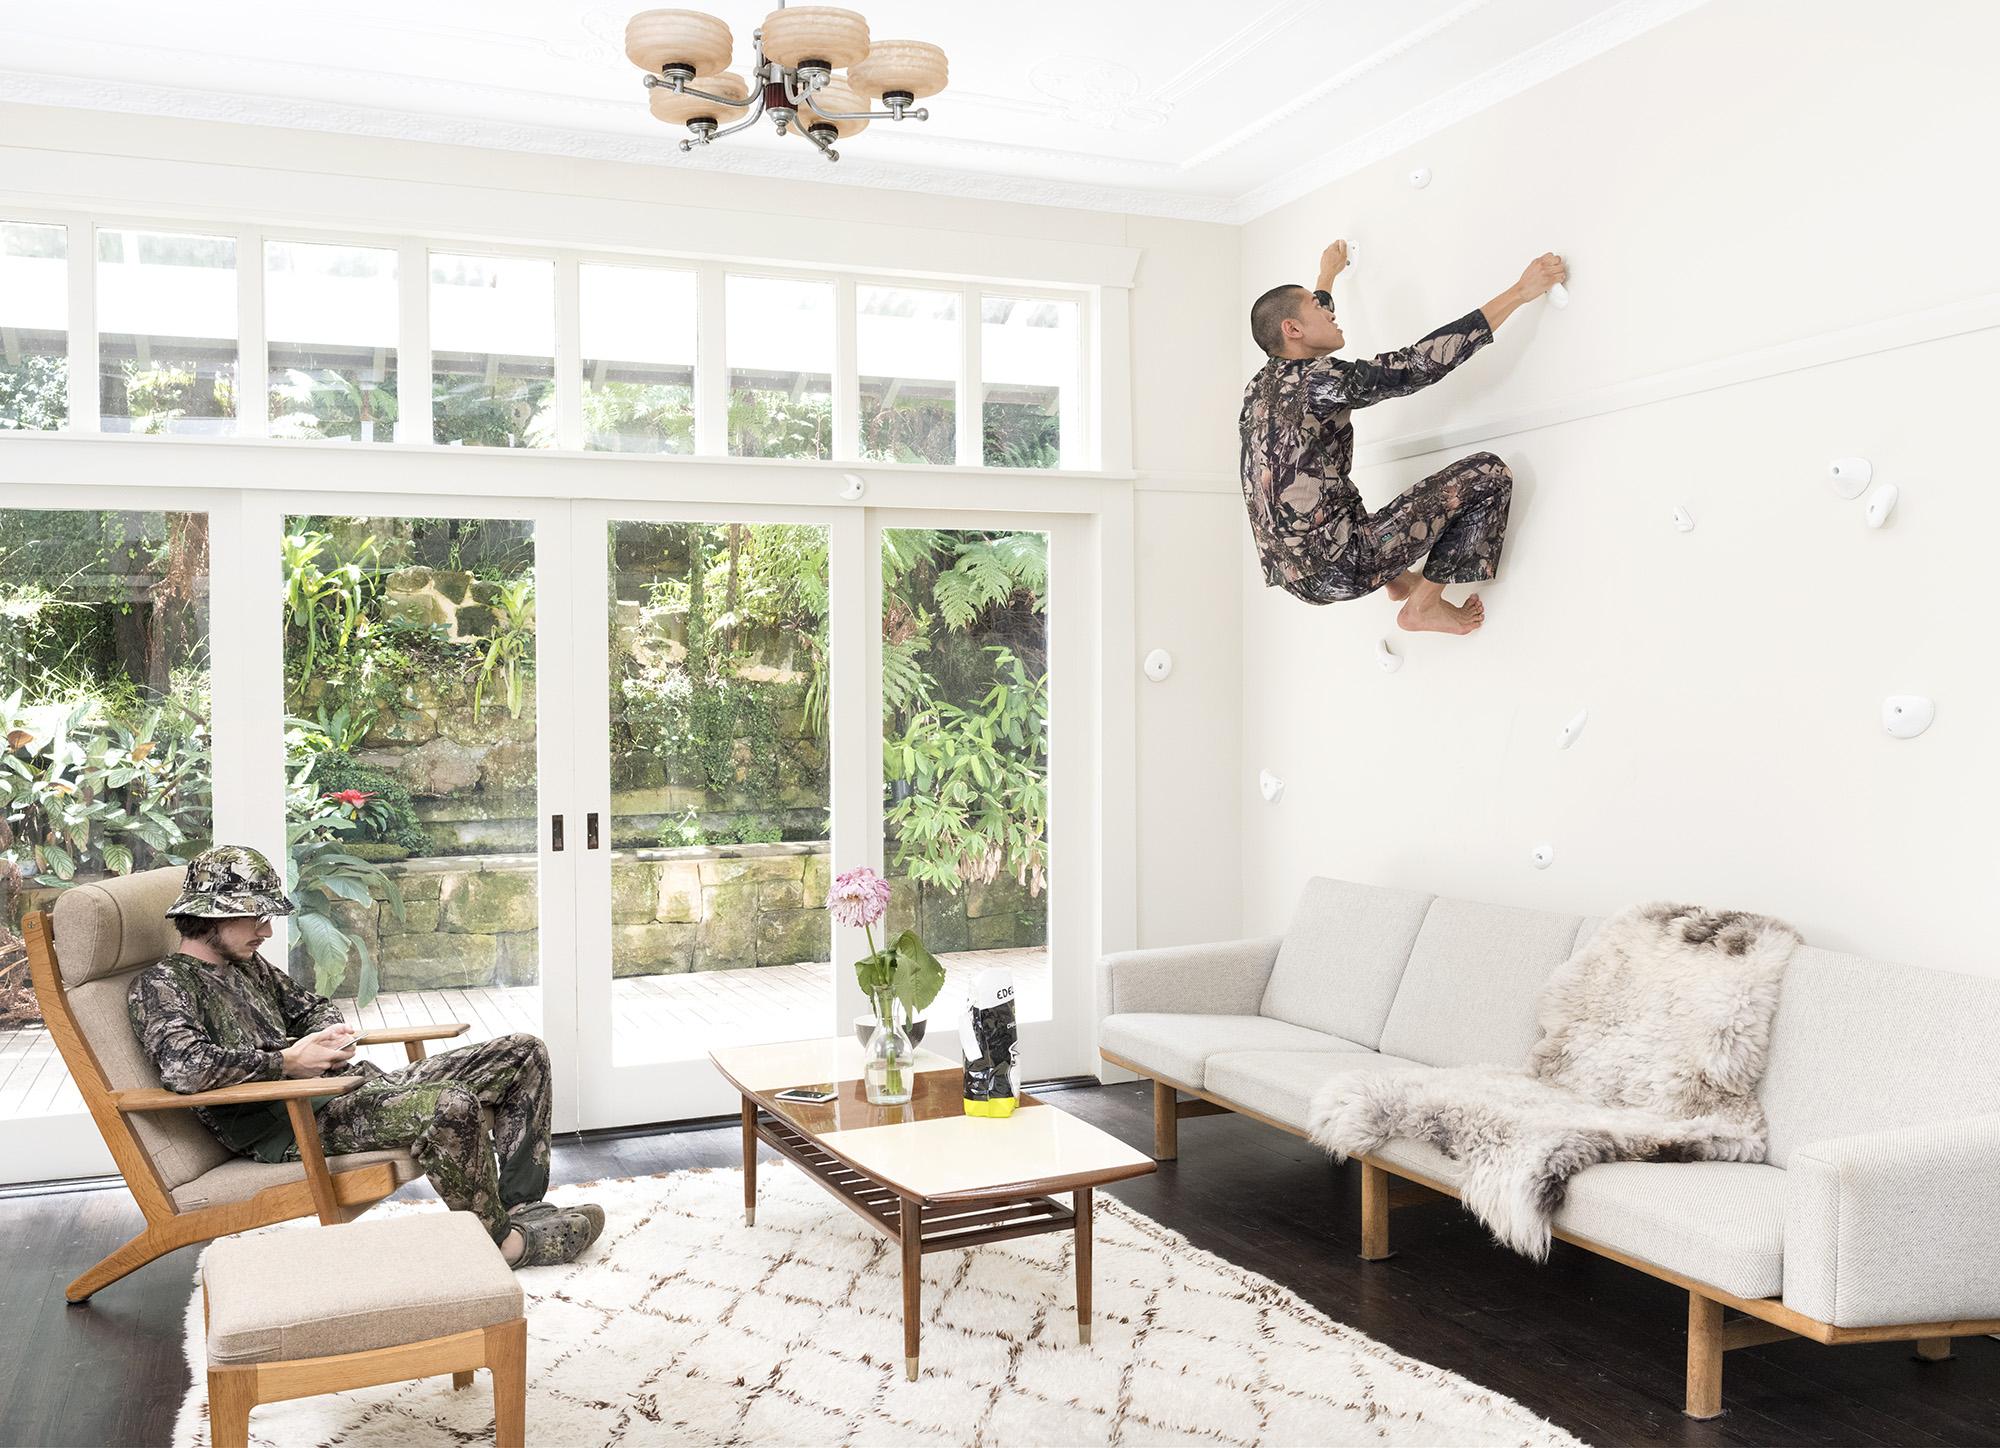 'Living room,' 2019, inkjet print on cotton rag, 110 x 152 cm